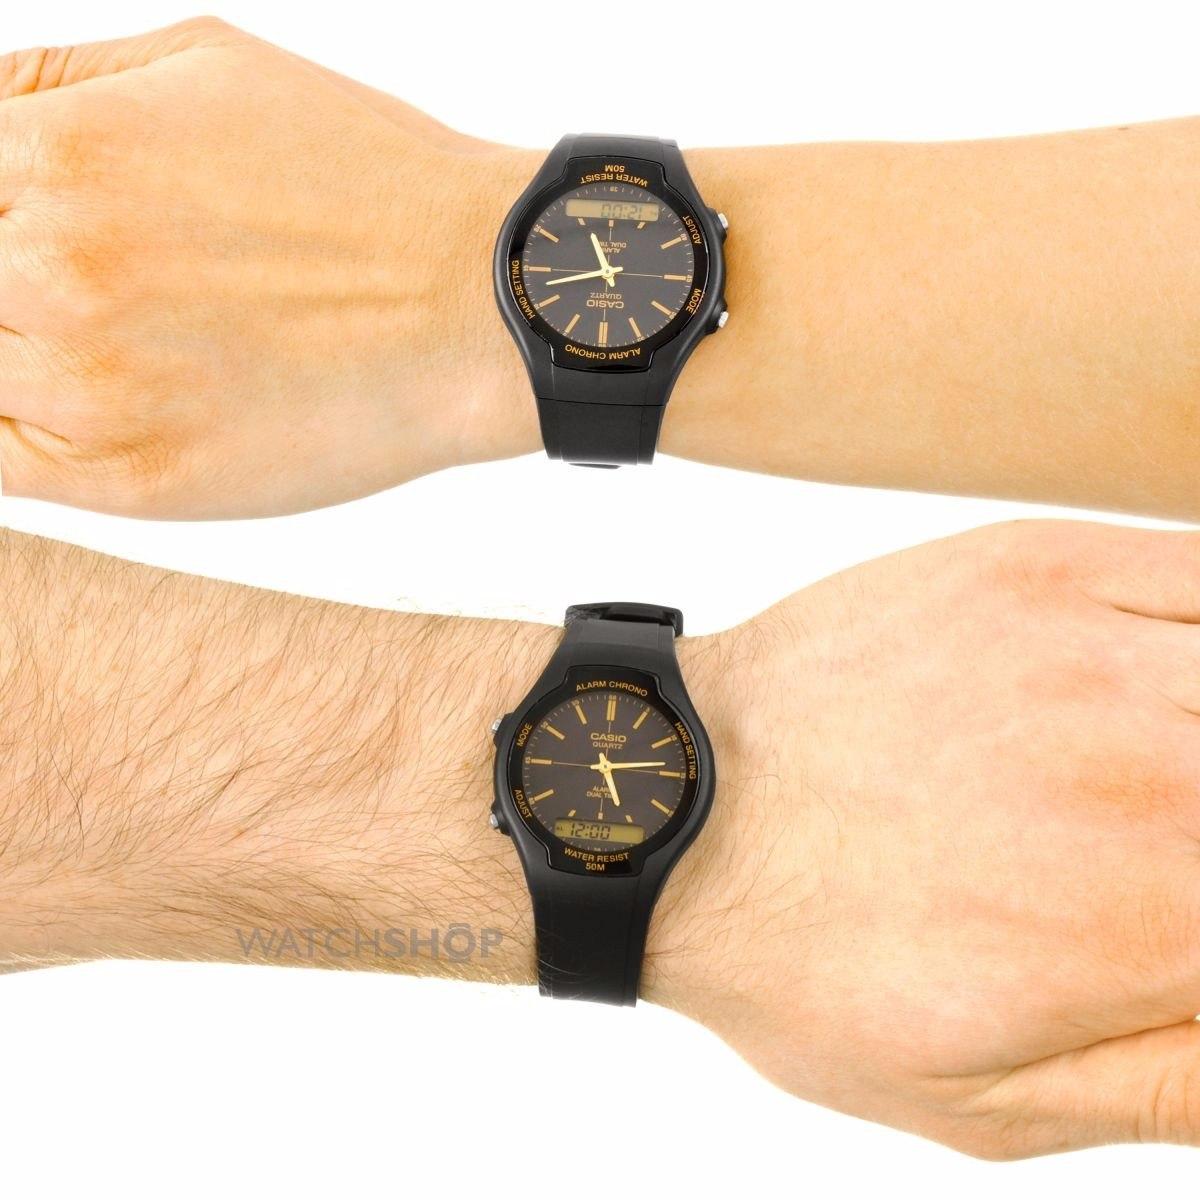 b051fe41a7a relogio casio aw-90h-9evdf ana-digi alarme cronometro aw-90. Carregando  zoom.